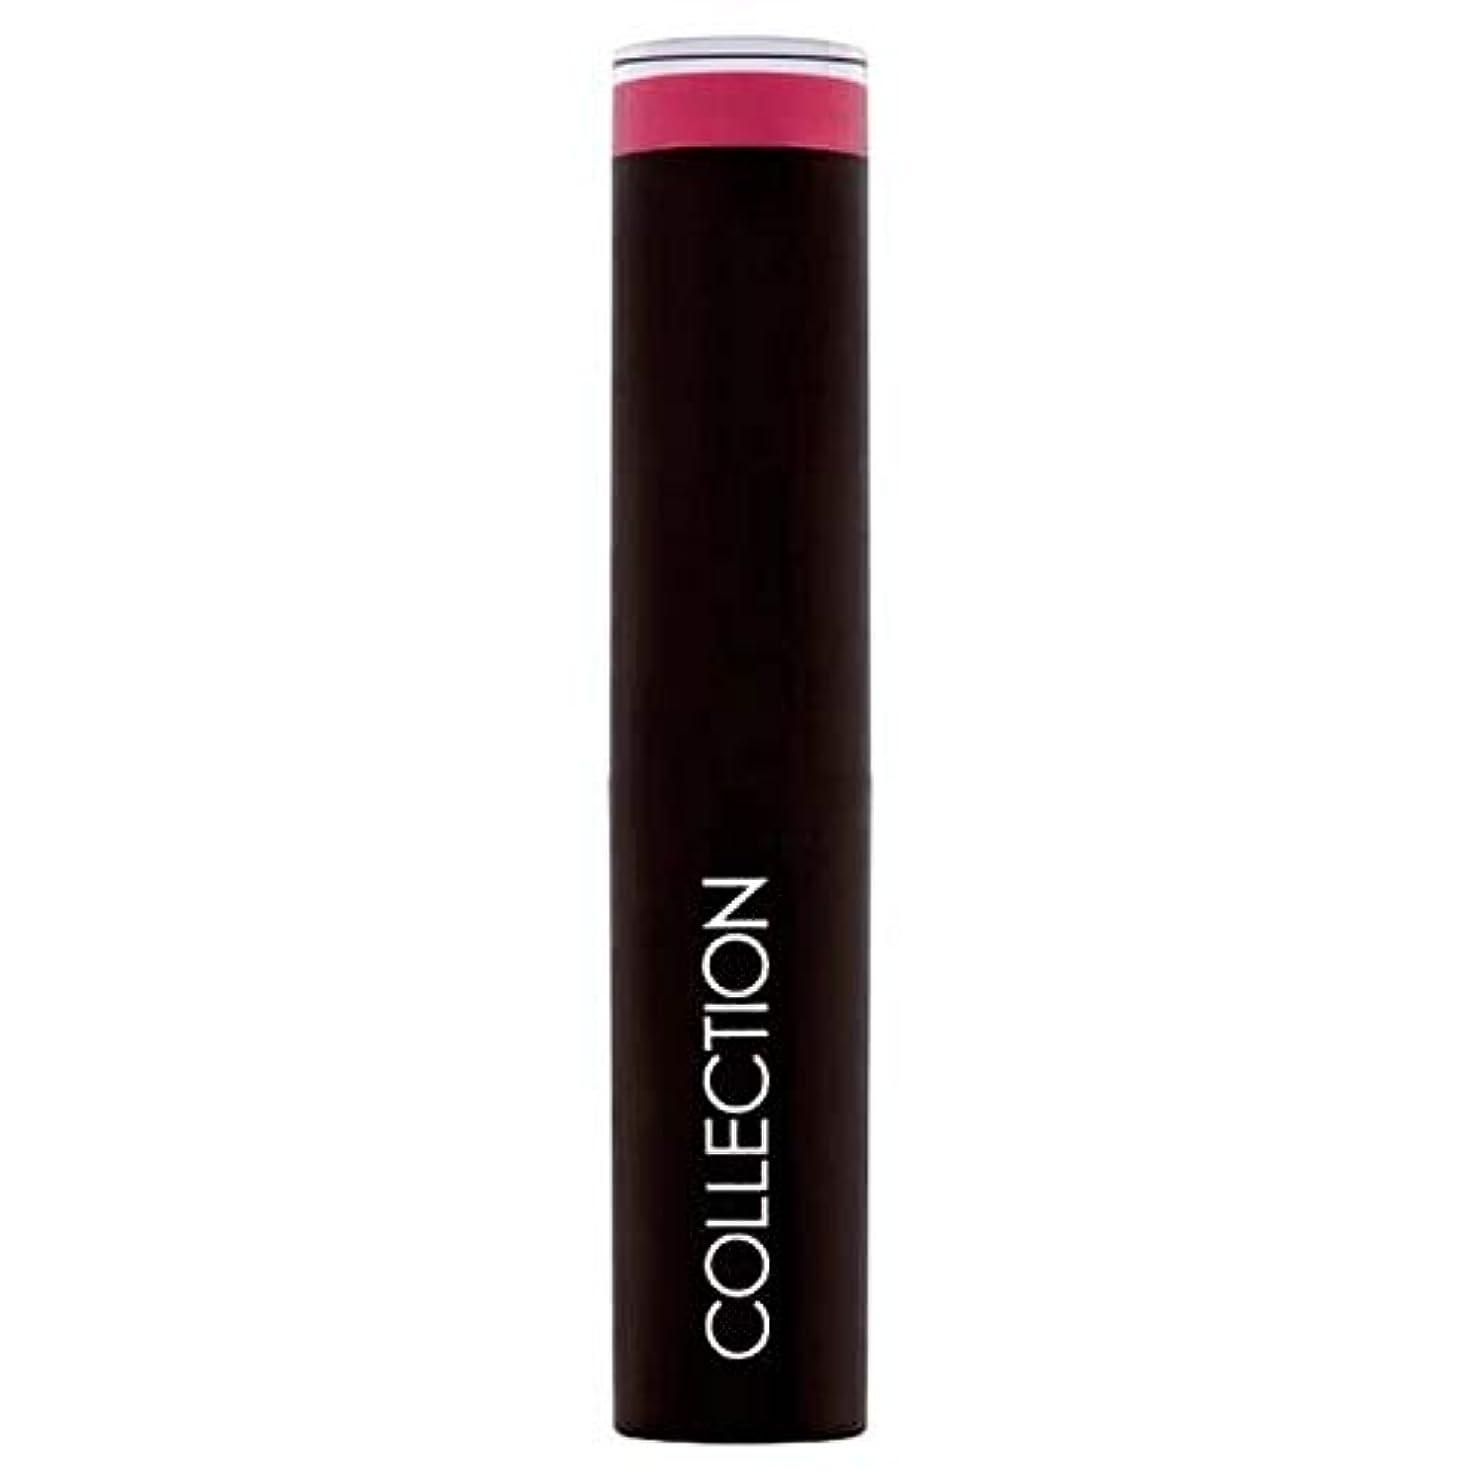 大きさクラッチコテージ[Collection ] コレクション強烈な輝きゲル口紅桑バースト4 - Collection Intense Shine Gel Lipstick Mulberry Burst 4 [並行輸入品]